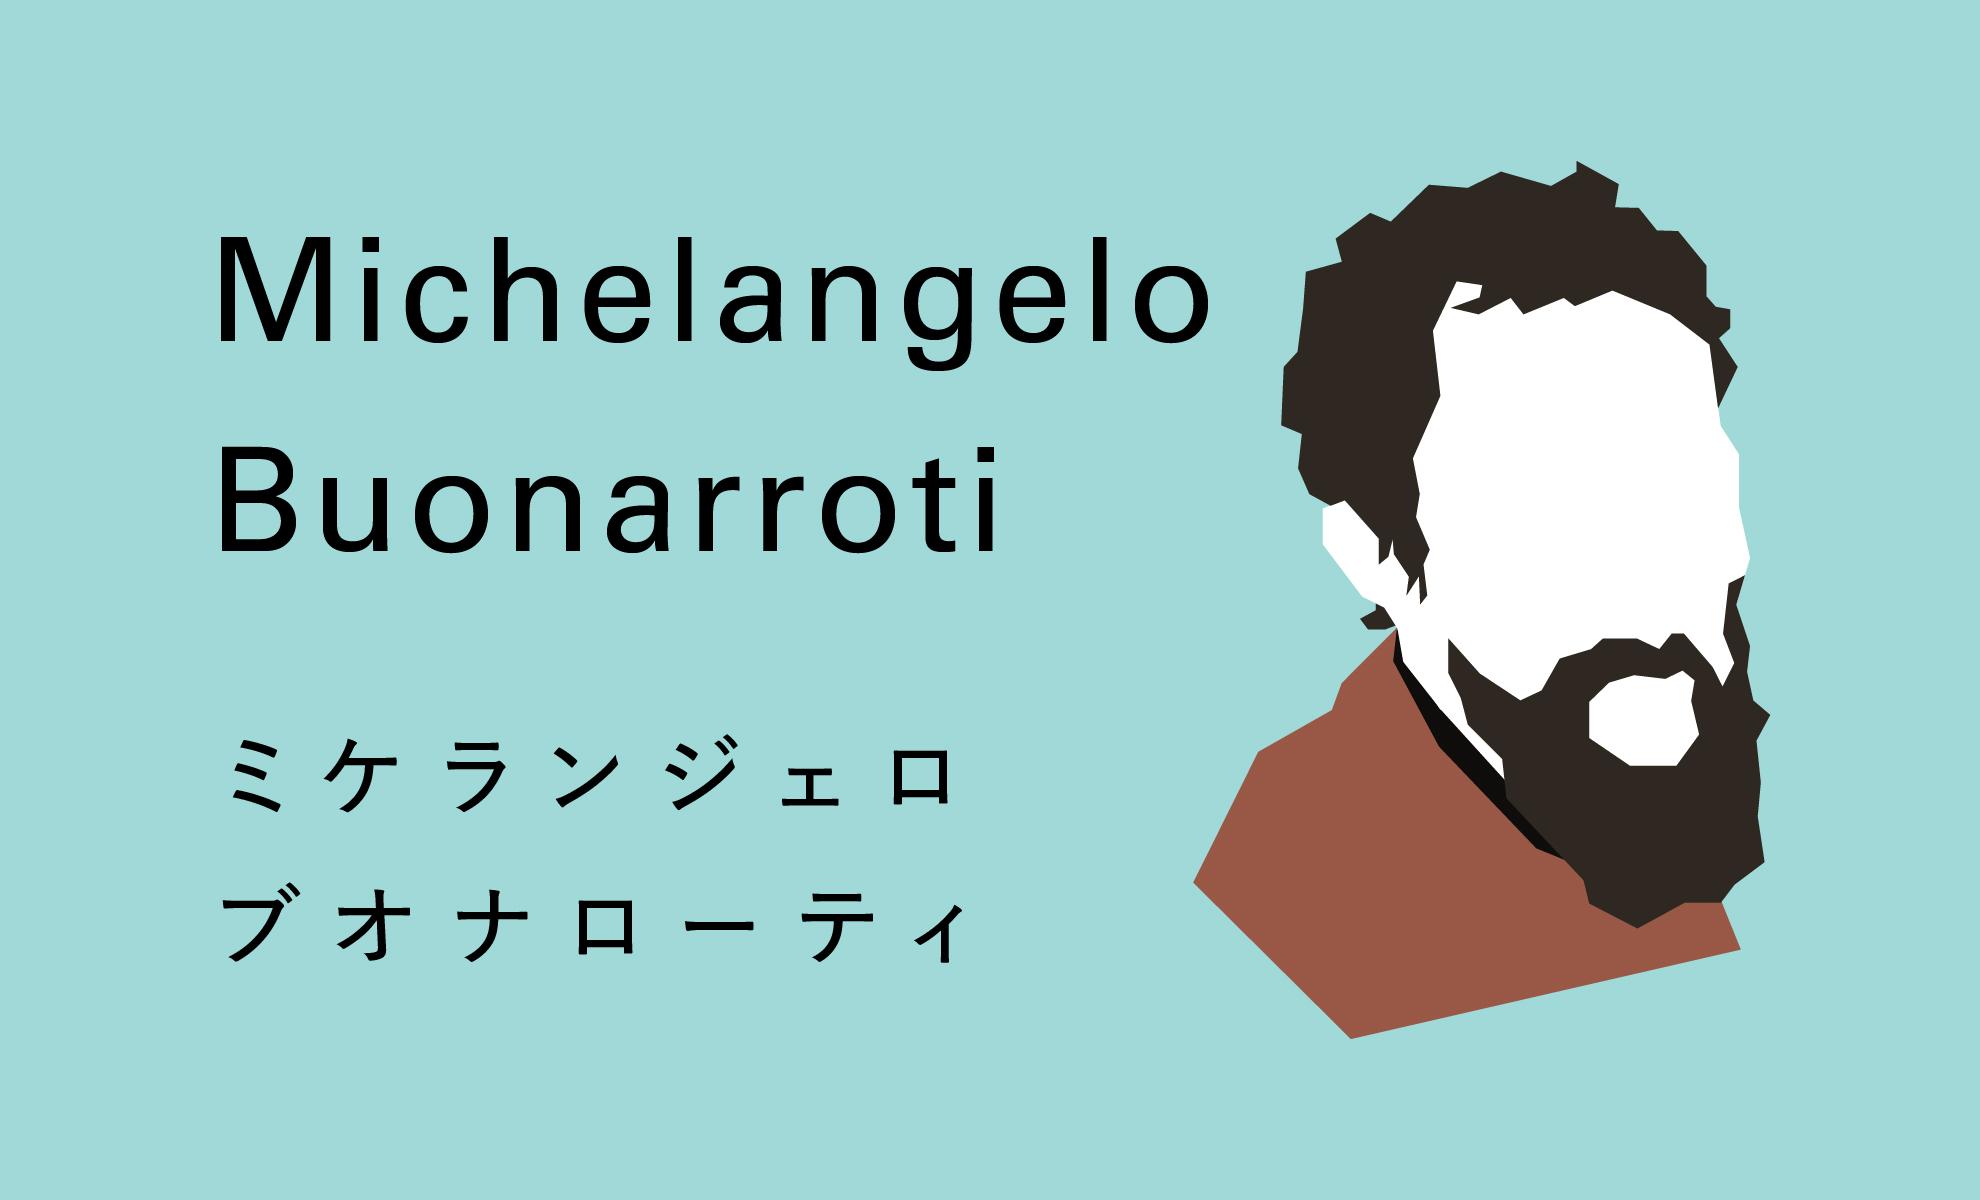 ミケランジェロの名言からの学び。[無駄な努力はない]のイラスト2